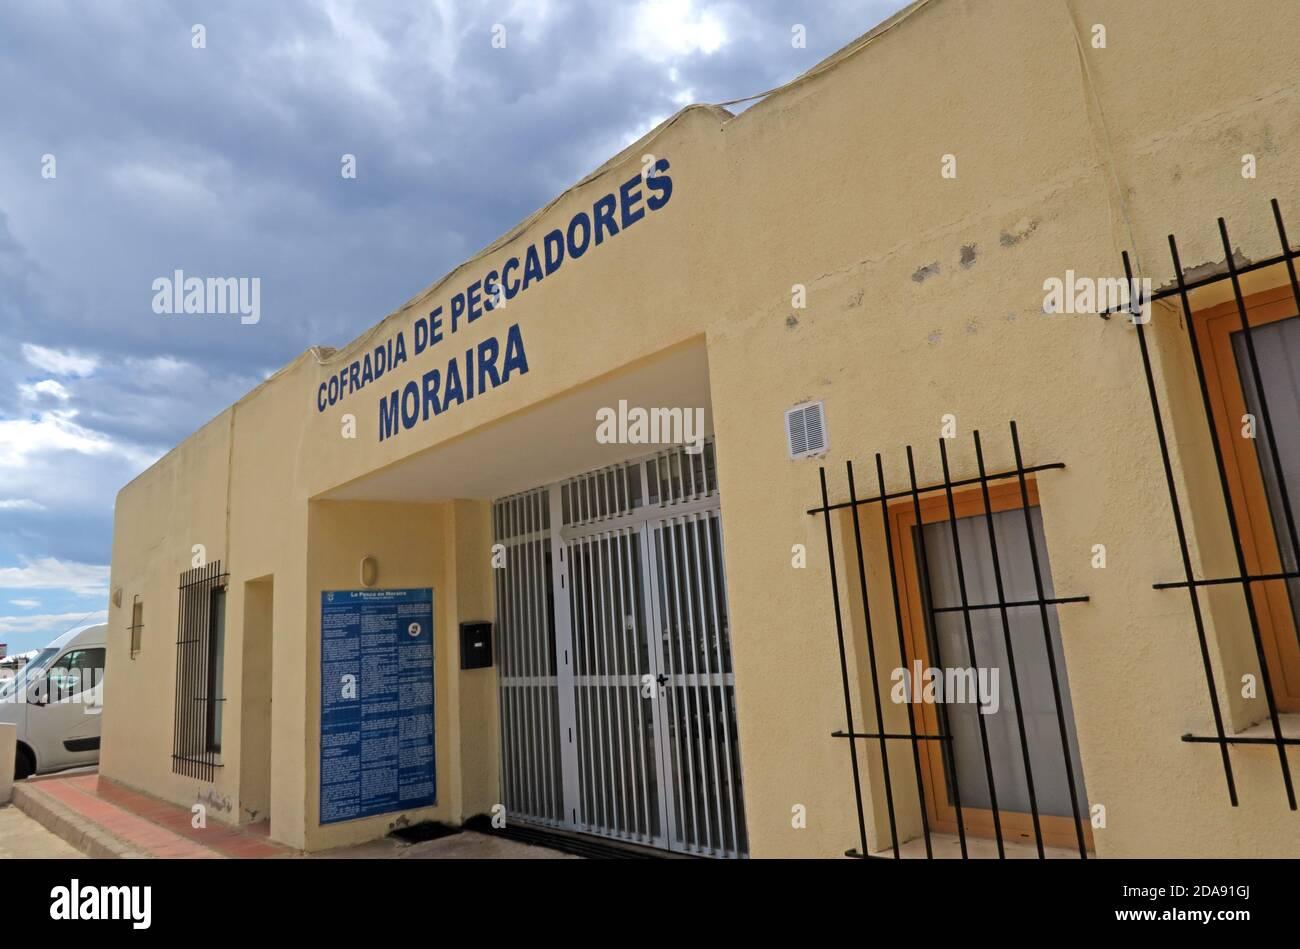 Dieses Stockfoto: Büro der Cofradia de pescadores Moraira Fischer, Alicante, Spanien, EU - 2DA91G